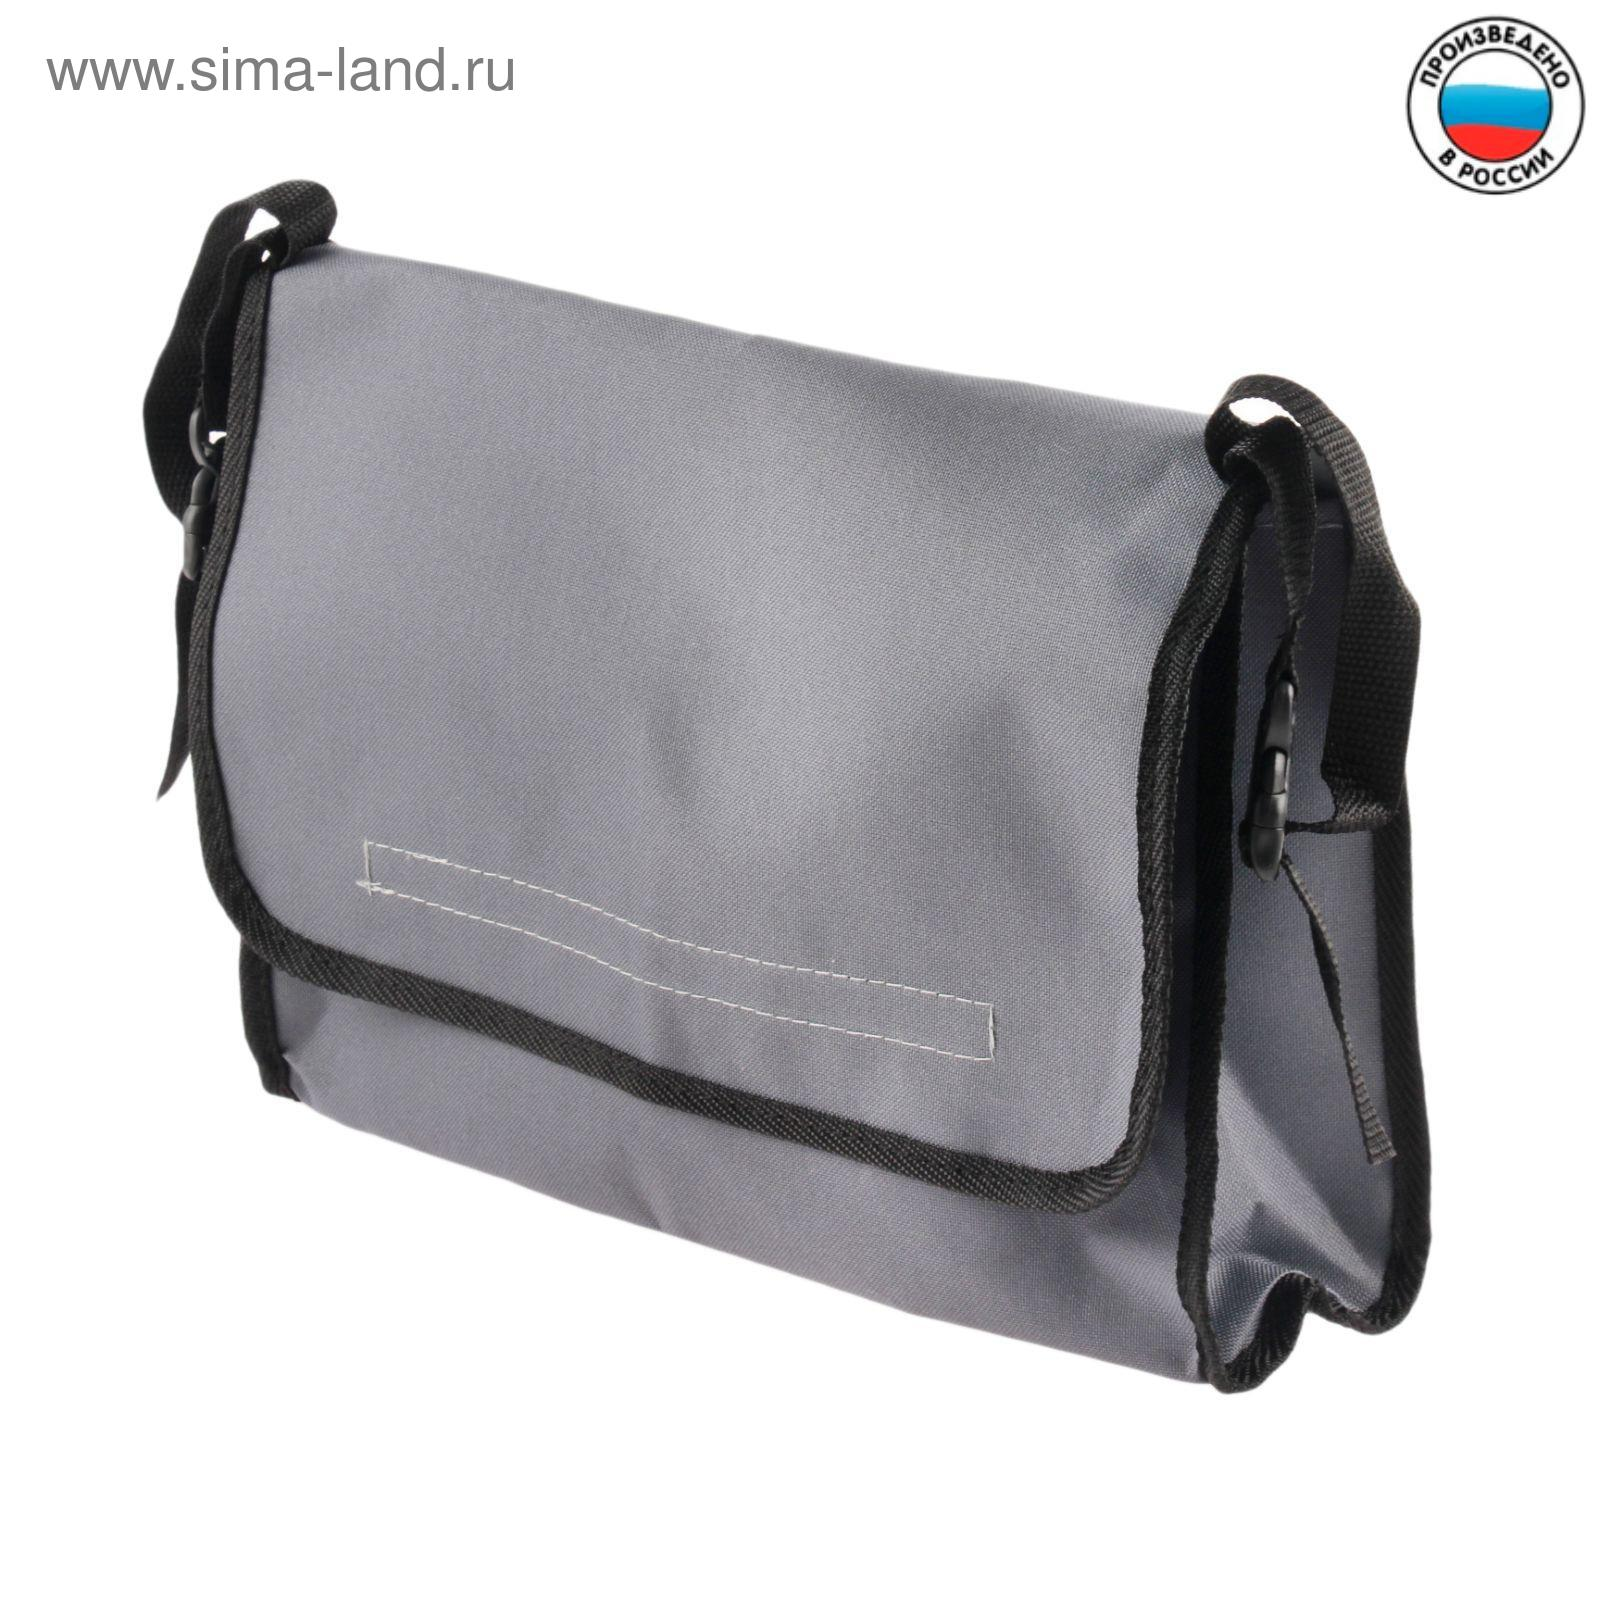 57d1845311cd Сумка для коляски, цвет серый (2099722) - Купить по цене от 169.00 ...